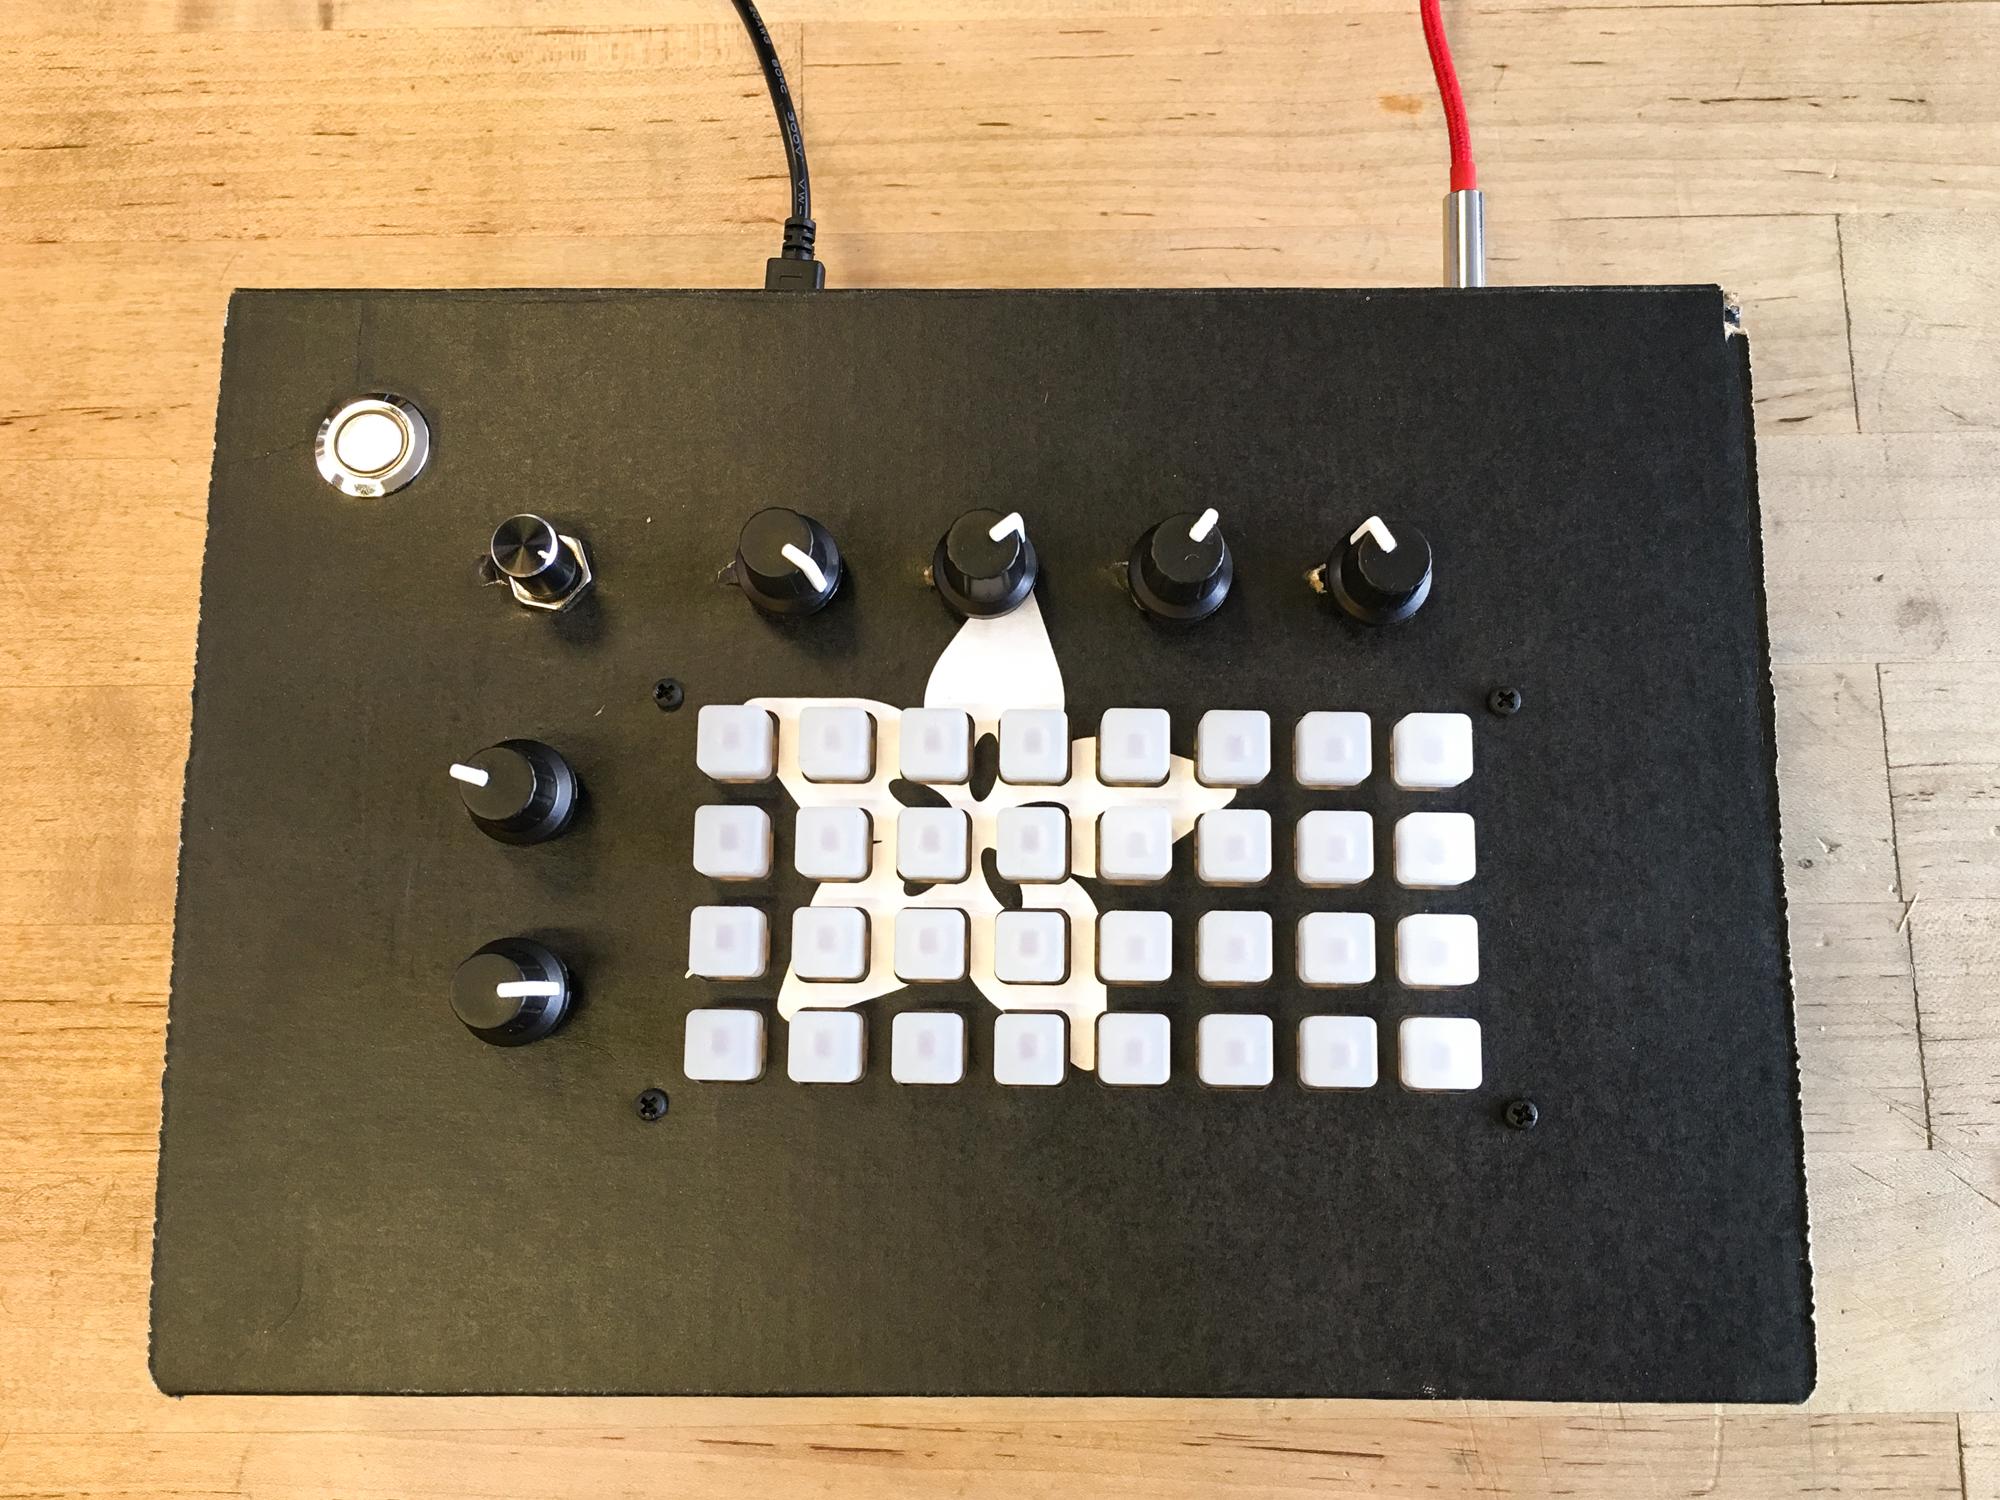 microcontrollers_IMG_2215_2k.jpg